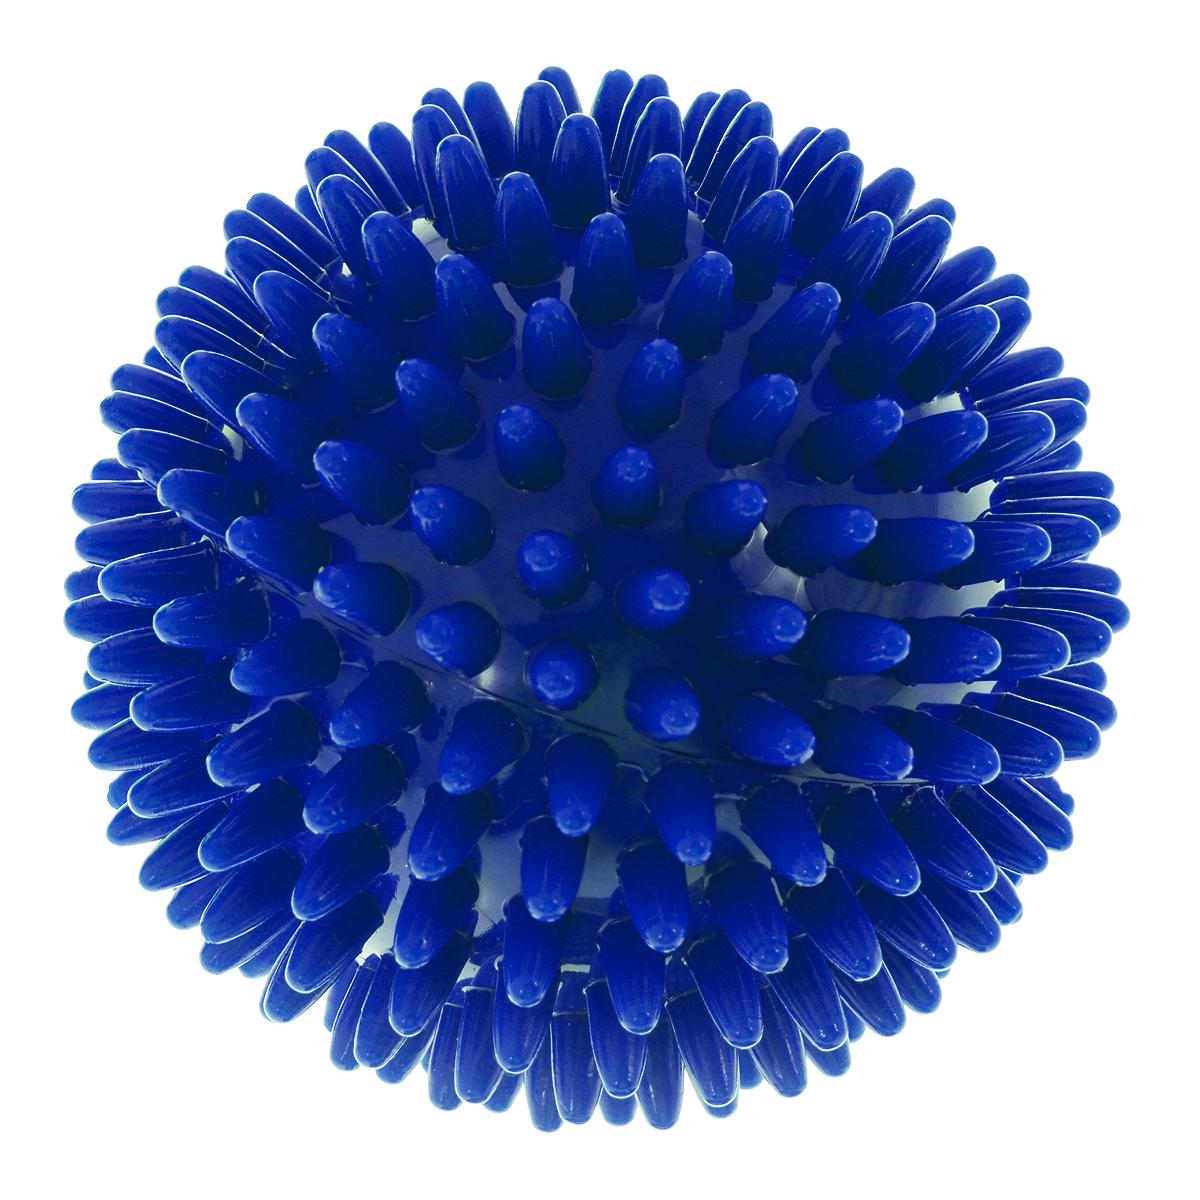 Игрушка для собак V.I.Pet Массажный мяч, цвет: синий, диаметр 6 смBL11-015-60Игрушка для собак V.I.Pet Массажный мяч, изготовленная из ПВХ, предназначена для массажа и самомассажа рефлексогенных зон. Она имеет мягкие закругленные массажные шипы, эффективно массирующие и не травмирующие кожу. Игрушка не позволит скучать вашему питомцу ни дома, ни на улице. Диаметр: 6 см.